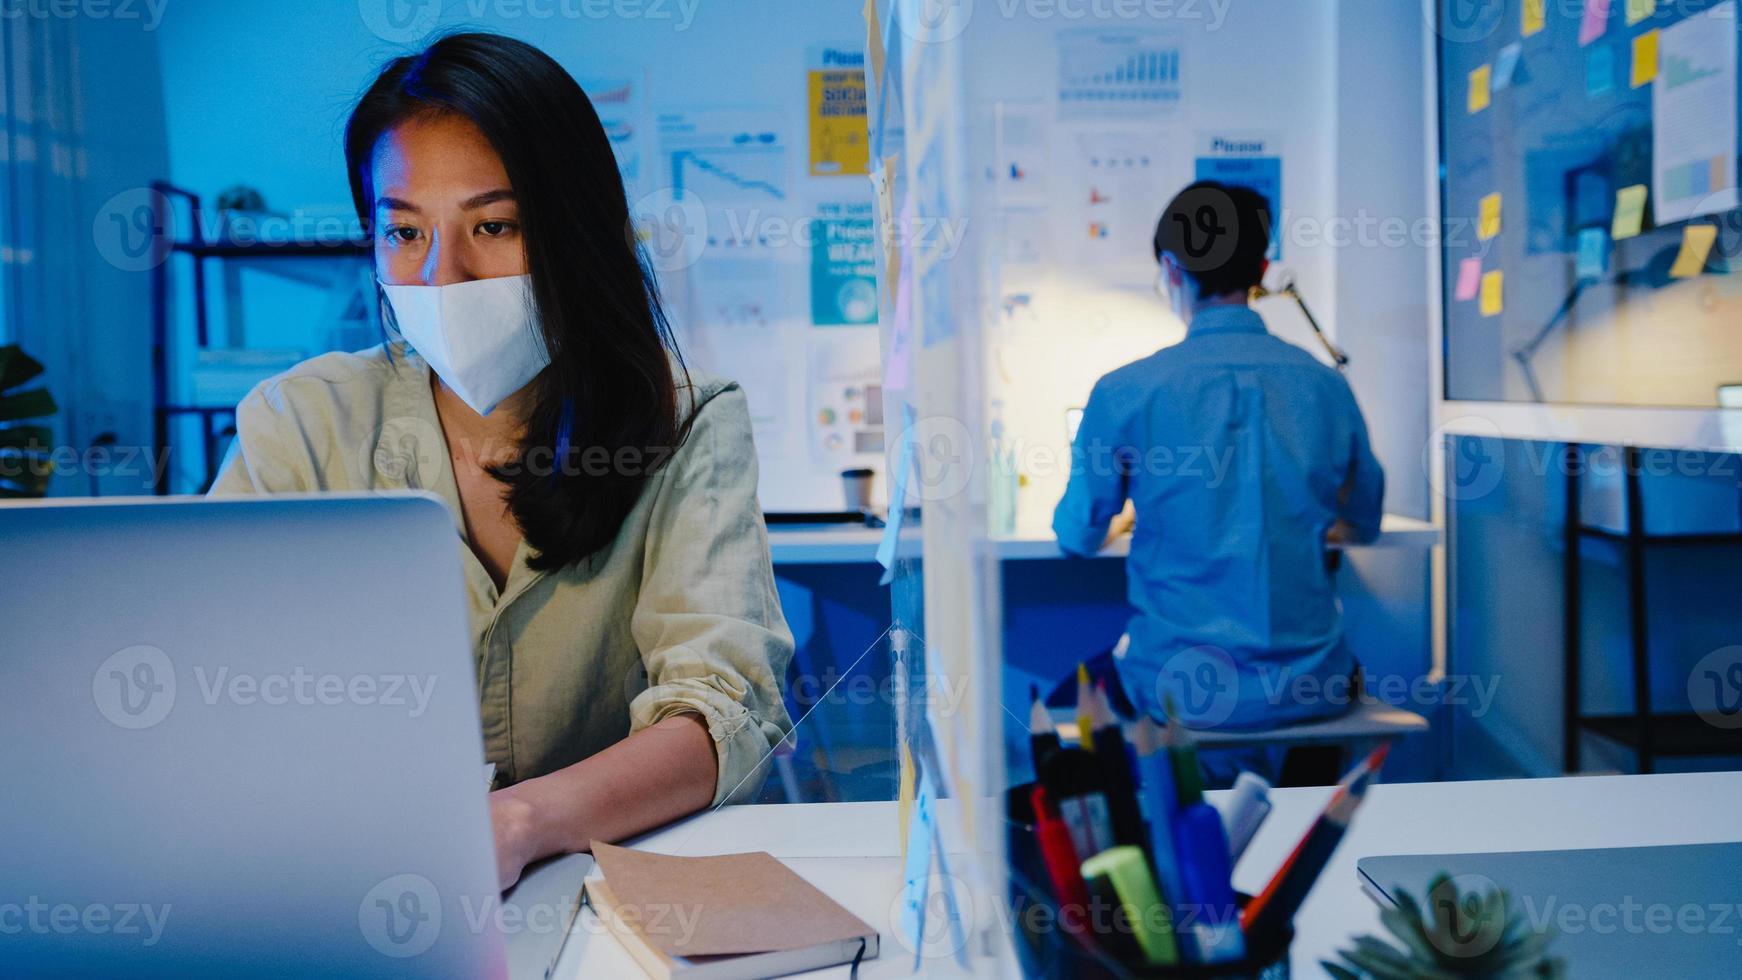 feliz empresária asiática usando máscara médica para distanciamento social em uma nova situação normal para prevenção de vírus enquanto usa o laptop no trabalho à noite no escritório. vida e trabalho após o coronavírus. foto